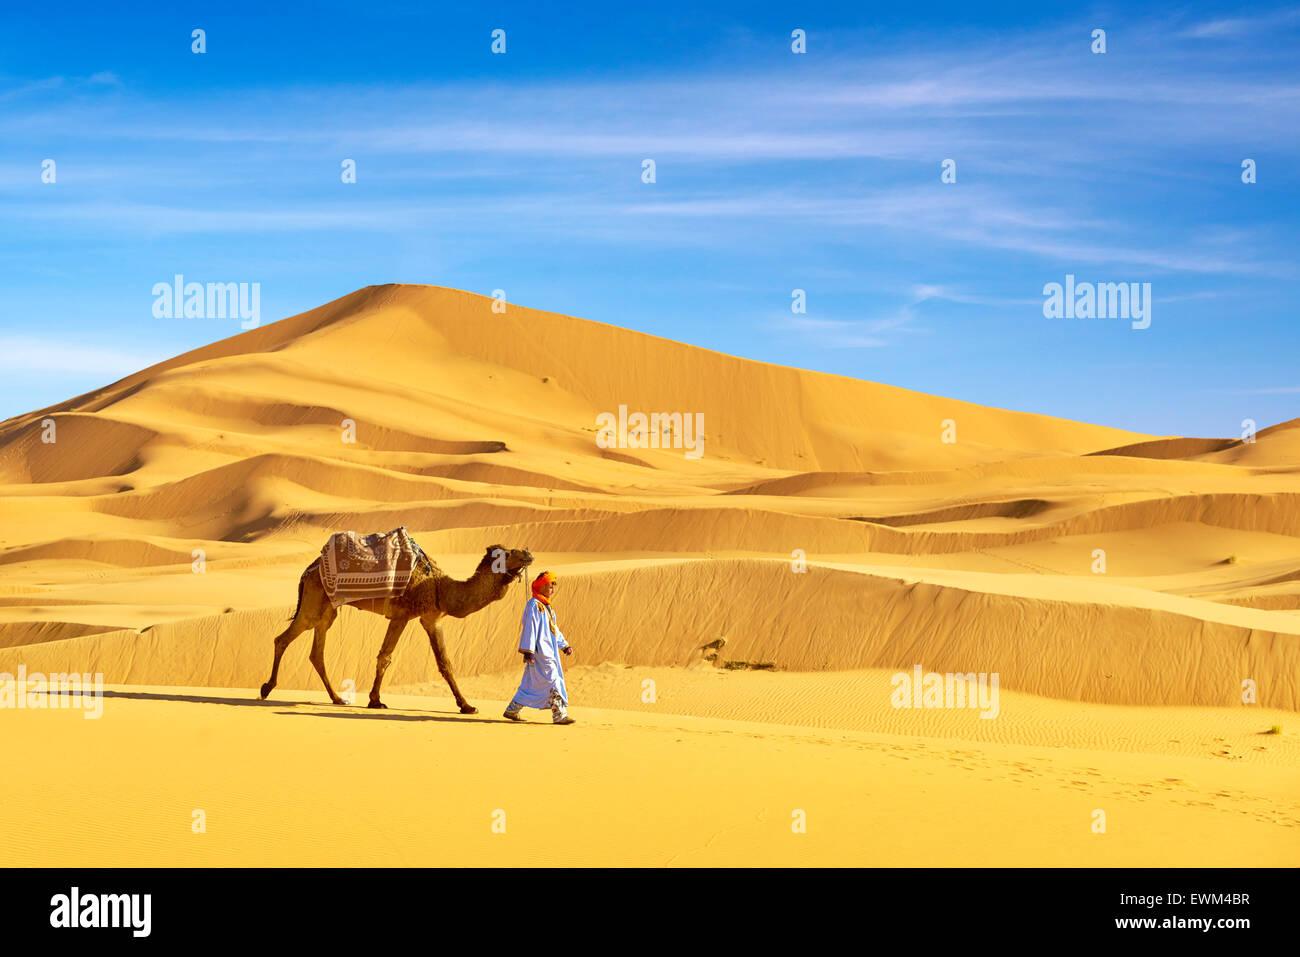 El bereber con su camello en el desierto del Sahara, Marruecos dunas Imagen De Stock